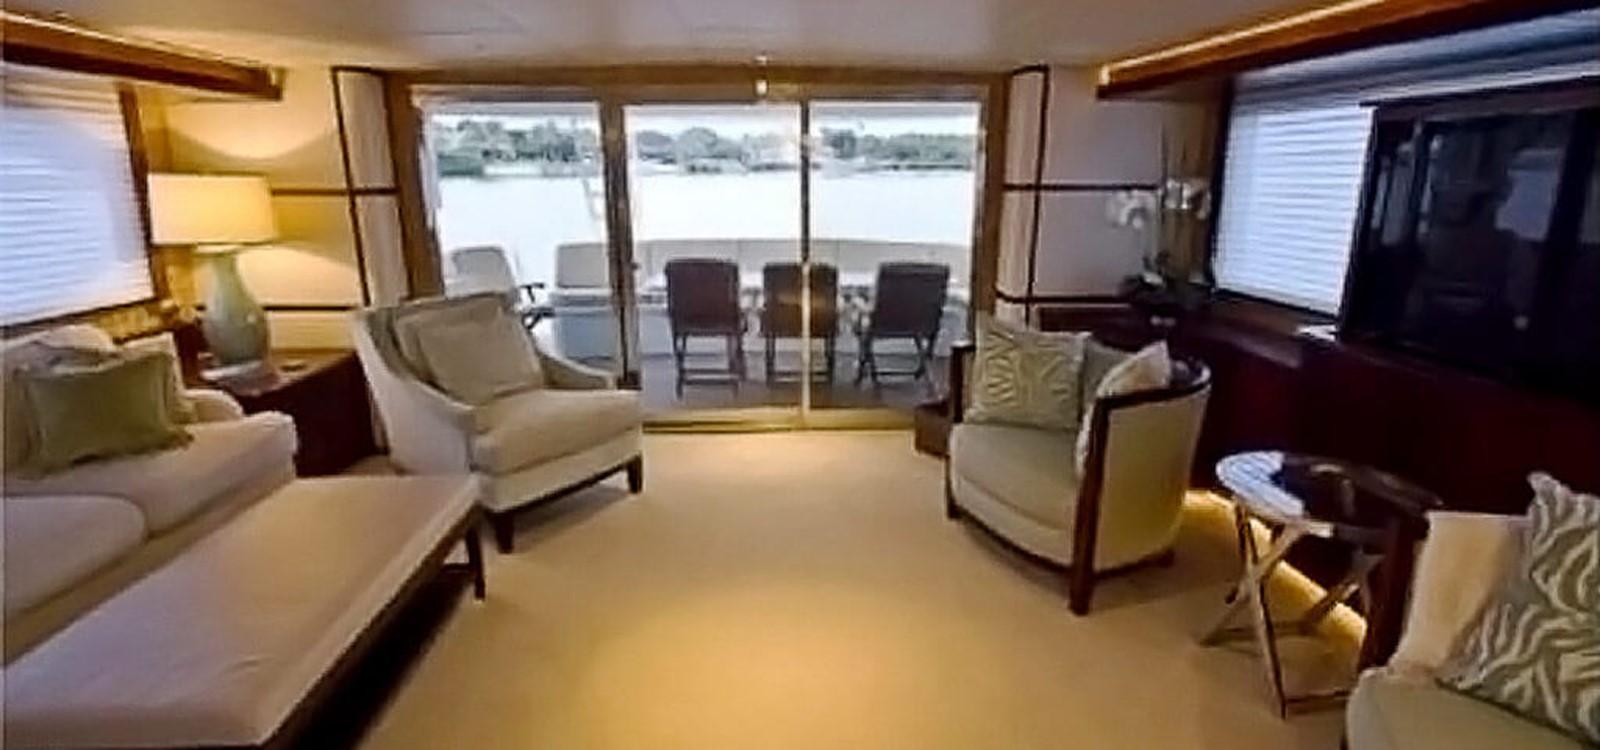 1986 DENISON Raised Pilothouse Motor Yacht 2432721